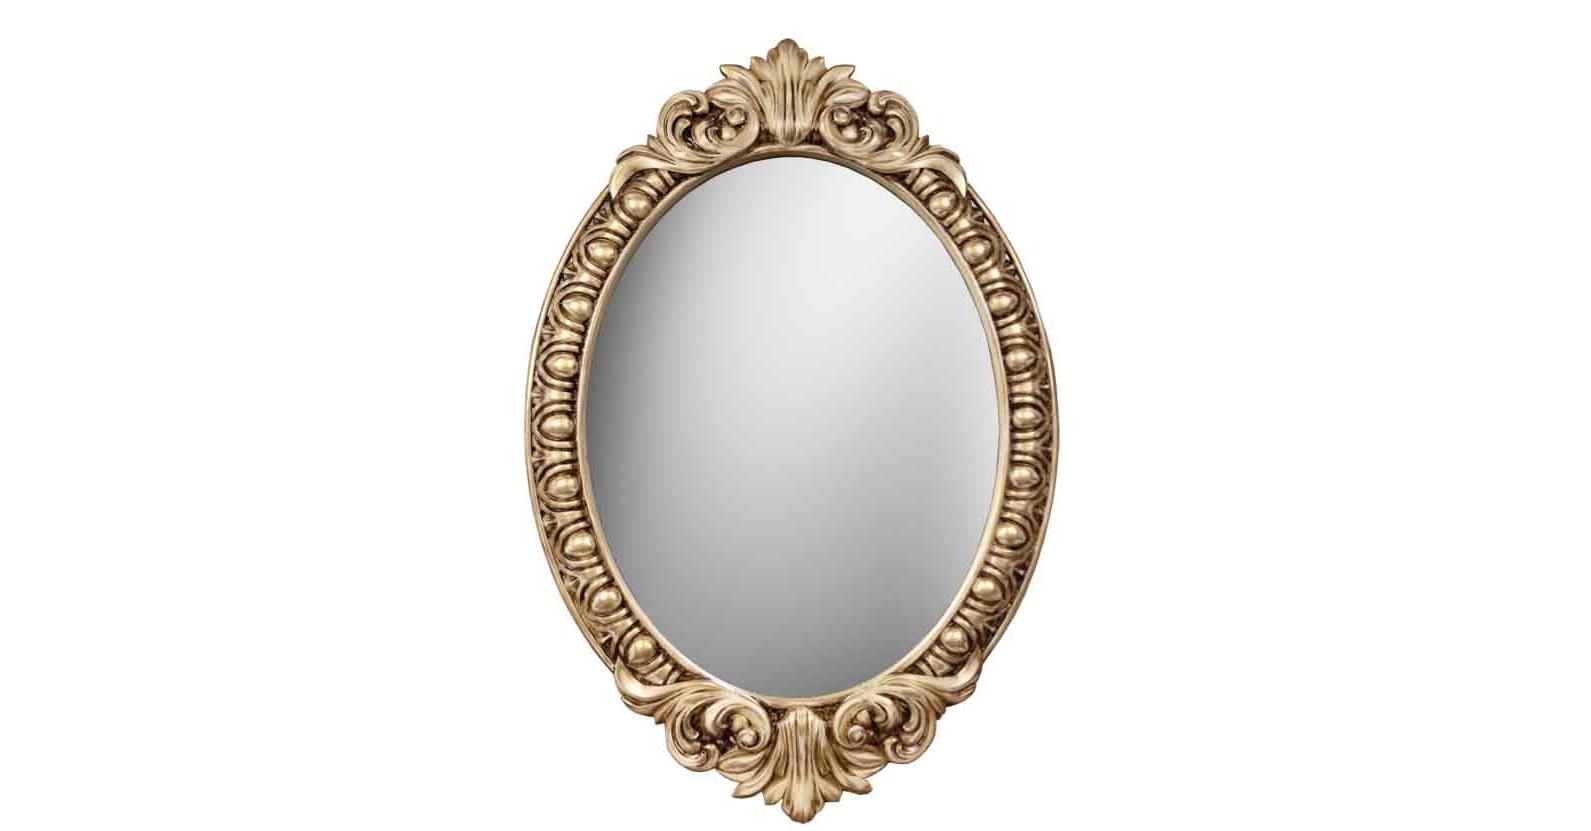 Зеркало ВЕНЕЦИЯНастенные зеркала<br>&amp;lt;div&amp;gt;Это зеркало в резной овальной раме выполнено в роскошном стиле итальянского барокко. Как и изделия именитых древних мастеров, эти оправы изготовлены и окрашены вручную, но с использованием современных материалов и красителей. Мебельный полиуретан — идеальный материал для таких сложных задумок. Он легко имитирует фактуру натуральной древесины или кованного металла, очень прочный и долговечный. Кроме того, он влагостойкий и экологически безопасен.&amp;lt;/div&amp;gt;&amp;lt;div&amp;gt;&amp;lt;br&amp;gt;&amp;lt;/div&amp;gt;&amp;lt;div&amp;gt;Цвет:&amp;amp;nbsp;Слоновая кость Золото Патина&amp;lt;/div&amp;gt;<br><br>Material: Полиуретан<br>Ширина см: 72<br>Высота см: 104<br>Глубина см: 4